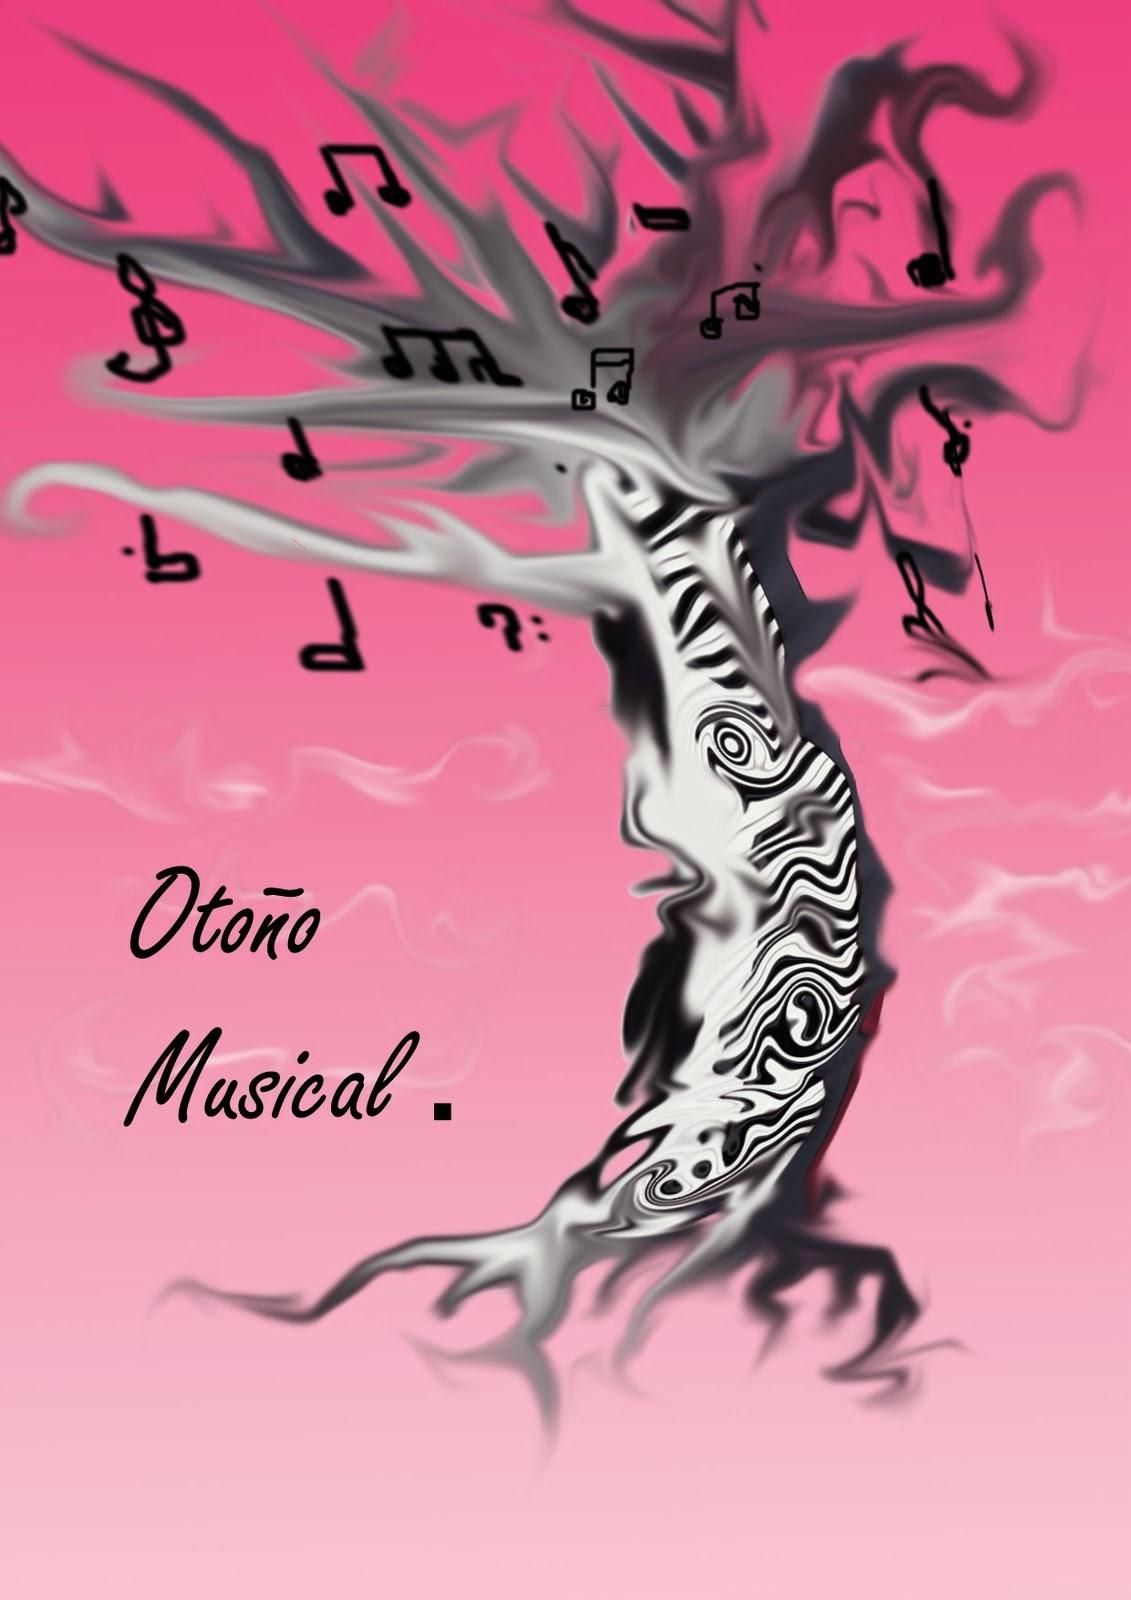 OTOÑO MUSICAL 2014